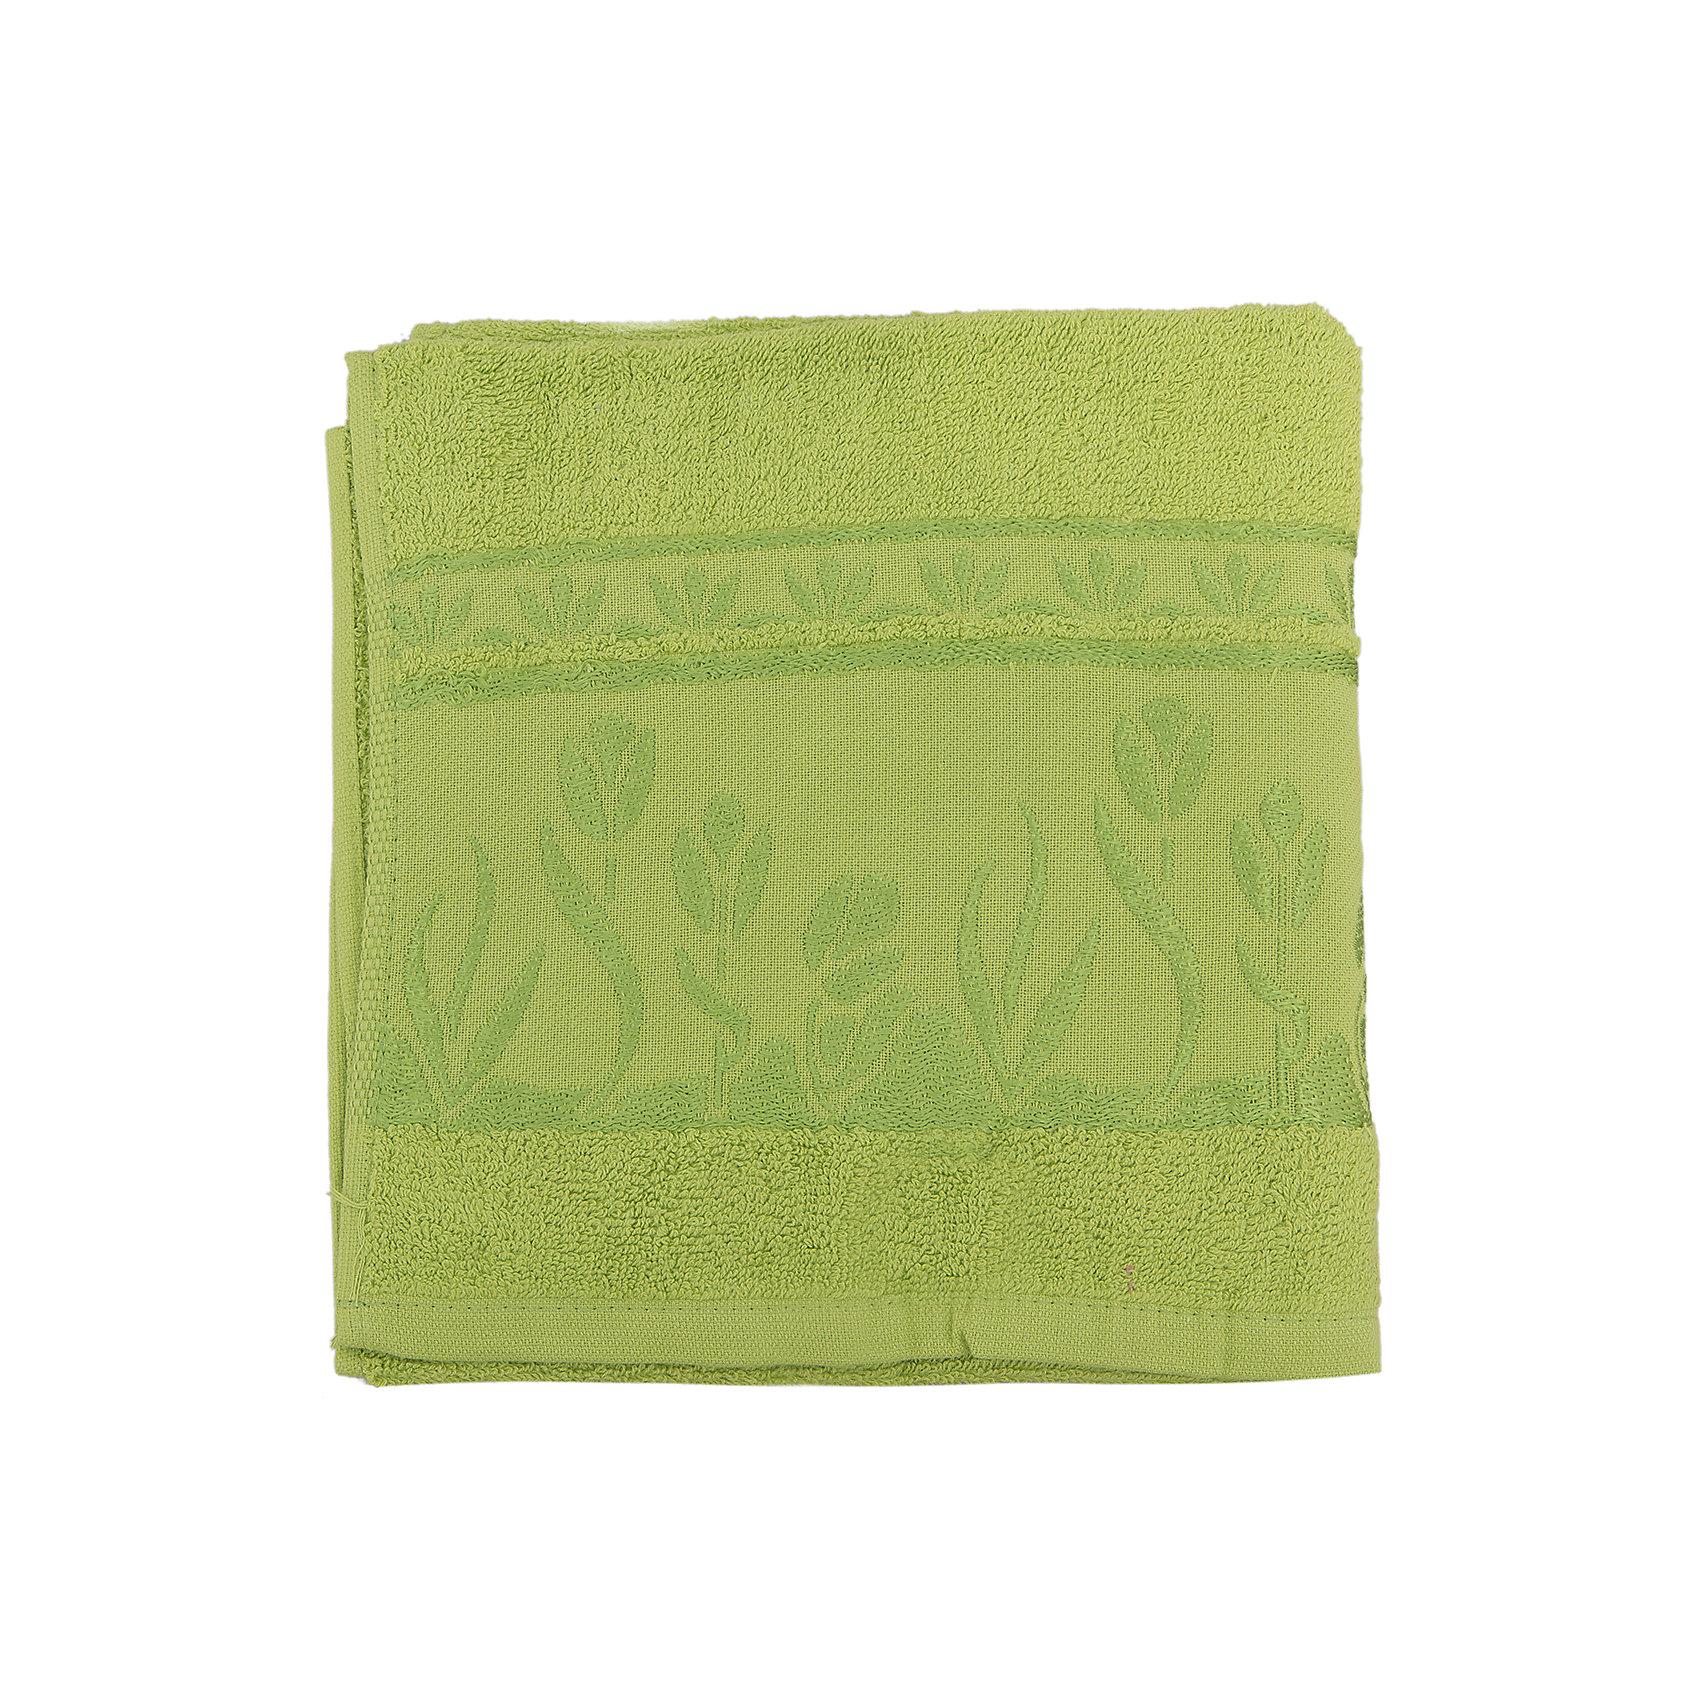 Полотенце махровое Tulips 50*100, Португалия, зеленыйДомашний текстиль<br>Tulips - махровое полотенце из натурального качественного хлопка. Она хорошо впитает влагу и подарит вам ощущение мягкости после водных процедур. Полотенце износостойкое и хорошо сохраняет цвет. Украшено жаккардовым узором. <br><br>Дополнительная информация:<br>Материал: 100% хлопок<br>Плотность: 500 г/м2<br>Размер: 50х100 см<br>Цвет: зеленый<br>Торговая марка: Португалия<br><br>Вы можете приобрести махровое полотенце Tulips  в нашем интернет-магазине.<br><br>Ширина мм: 500<br>Глубина мм: 500<br>Высота мм: 200<br>Вес г: 350<br>Возраст от месяцев: 0<br>Возраст до месяцев: 144<br>Пол: Унисекс<br>Возраст: Детский<br>SKU: 5010946